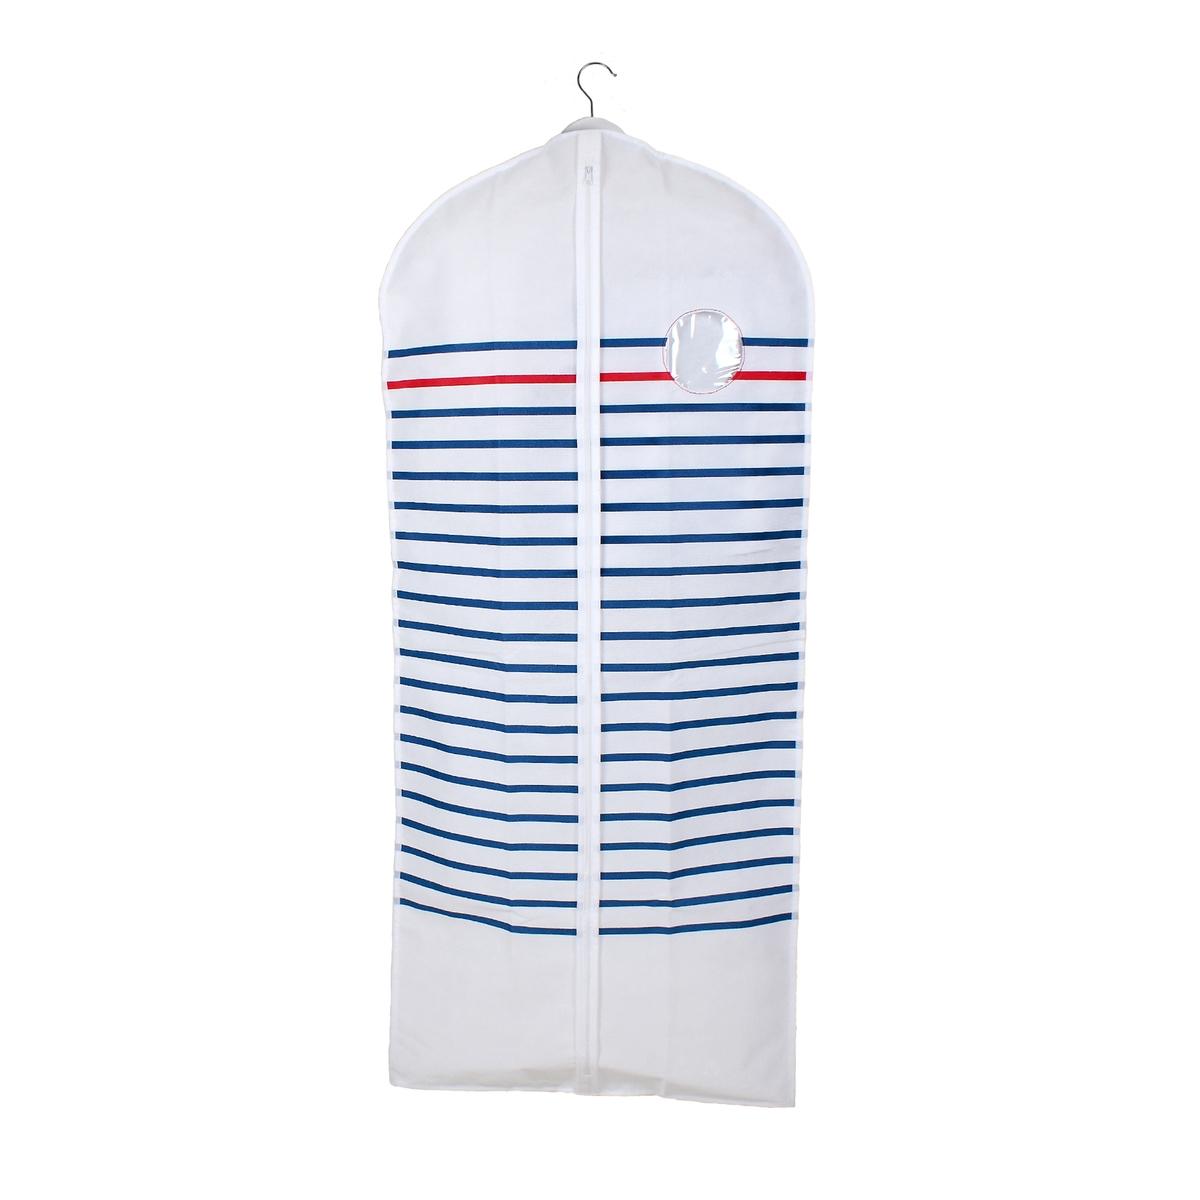 Комплект из 2 чехлов для одежды BazilХраните одежду и организуйте пространство с помощью защитных чехлов с принтом в морском стиле. Комплект из 2 чехлов. Подходят для длинной одежды. Характеристики чехла:- Нетканый, 100% полипропилена, с принтом в голубую/красную полоску на белом фоне.- 2 ручки для переноски позволяют сложить чехол вдвое, отверстие для вешалки-плечиков.- Застежка на молнию.- Прозрачная вставка.Размеры чехла:Ширина 60 см.Высота 135 см (для пальто).Найдите все чехлы для хранения Bazil на сайте laredoute.ru.<br><br>Цвет: в полоску белый/темно-синий<br>Размер: единый размер